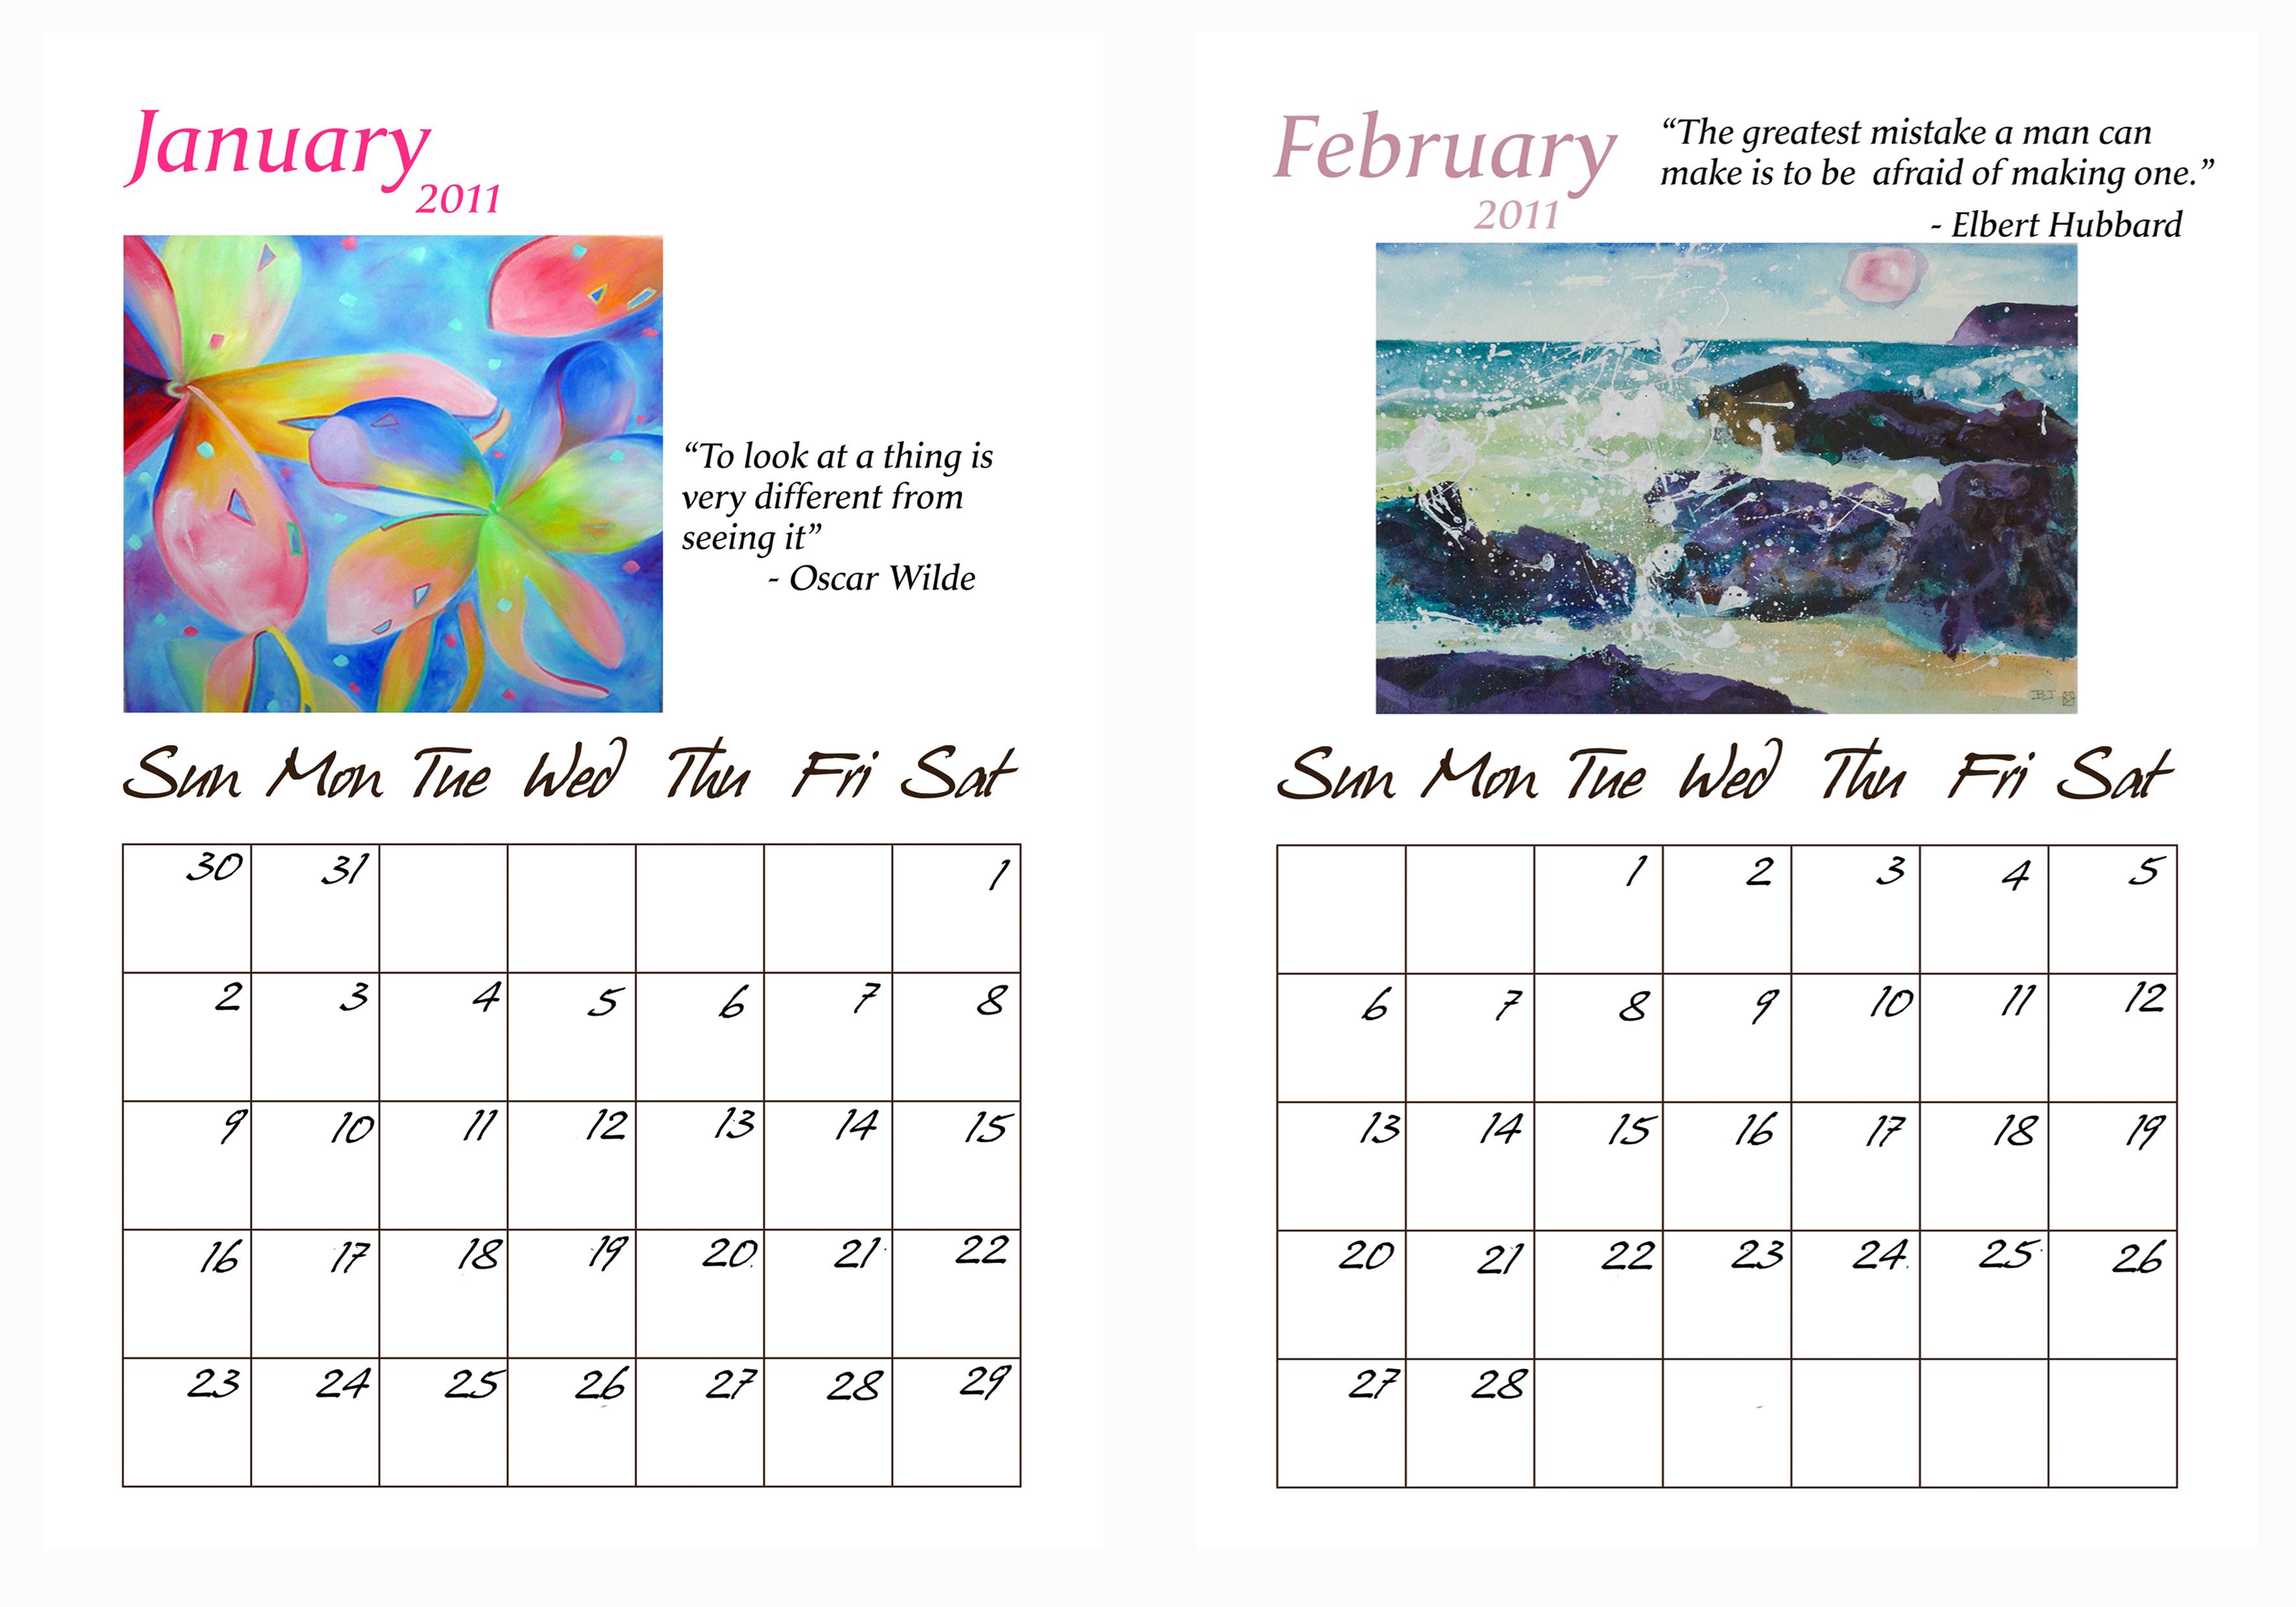 2011 Calendar- Kadira's Calendar of inspirational sayings and creative images